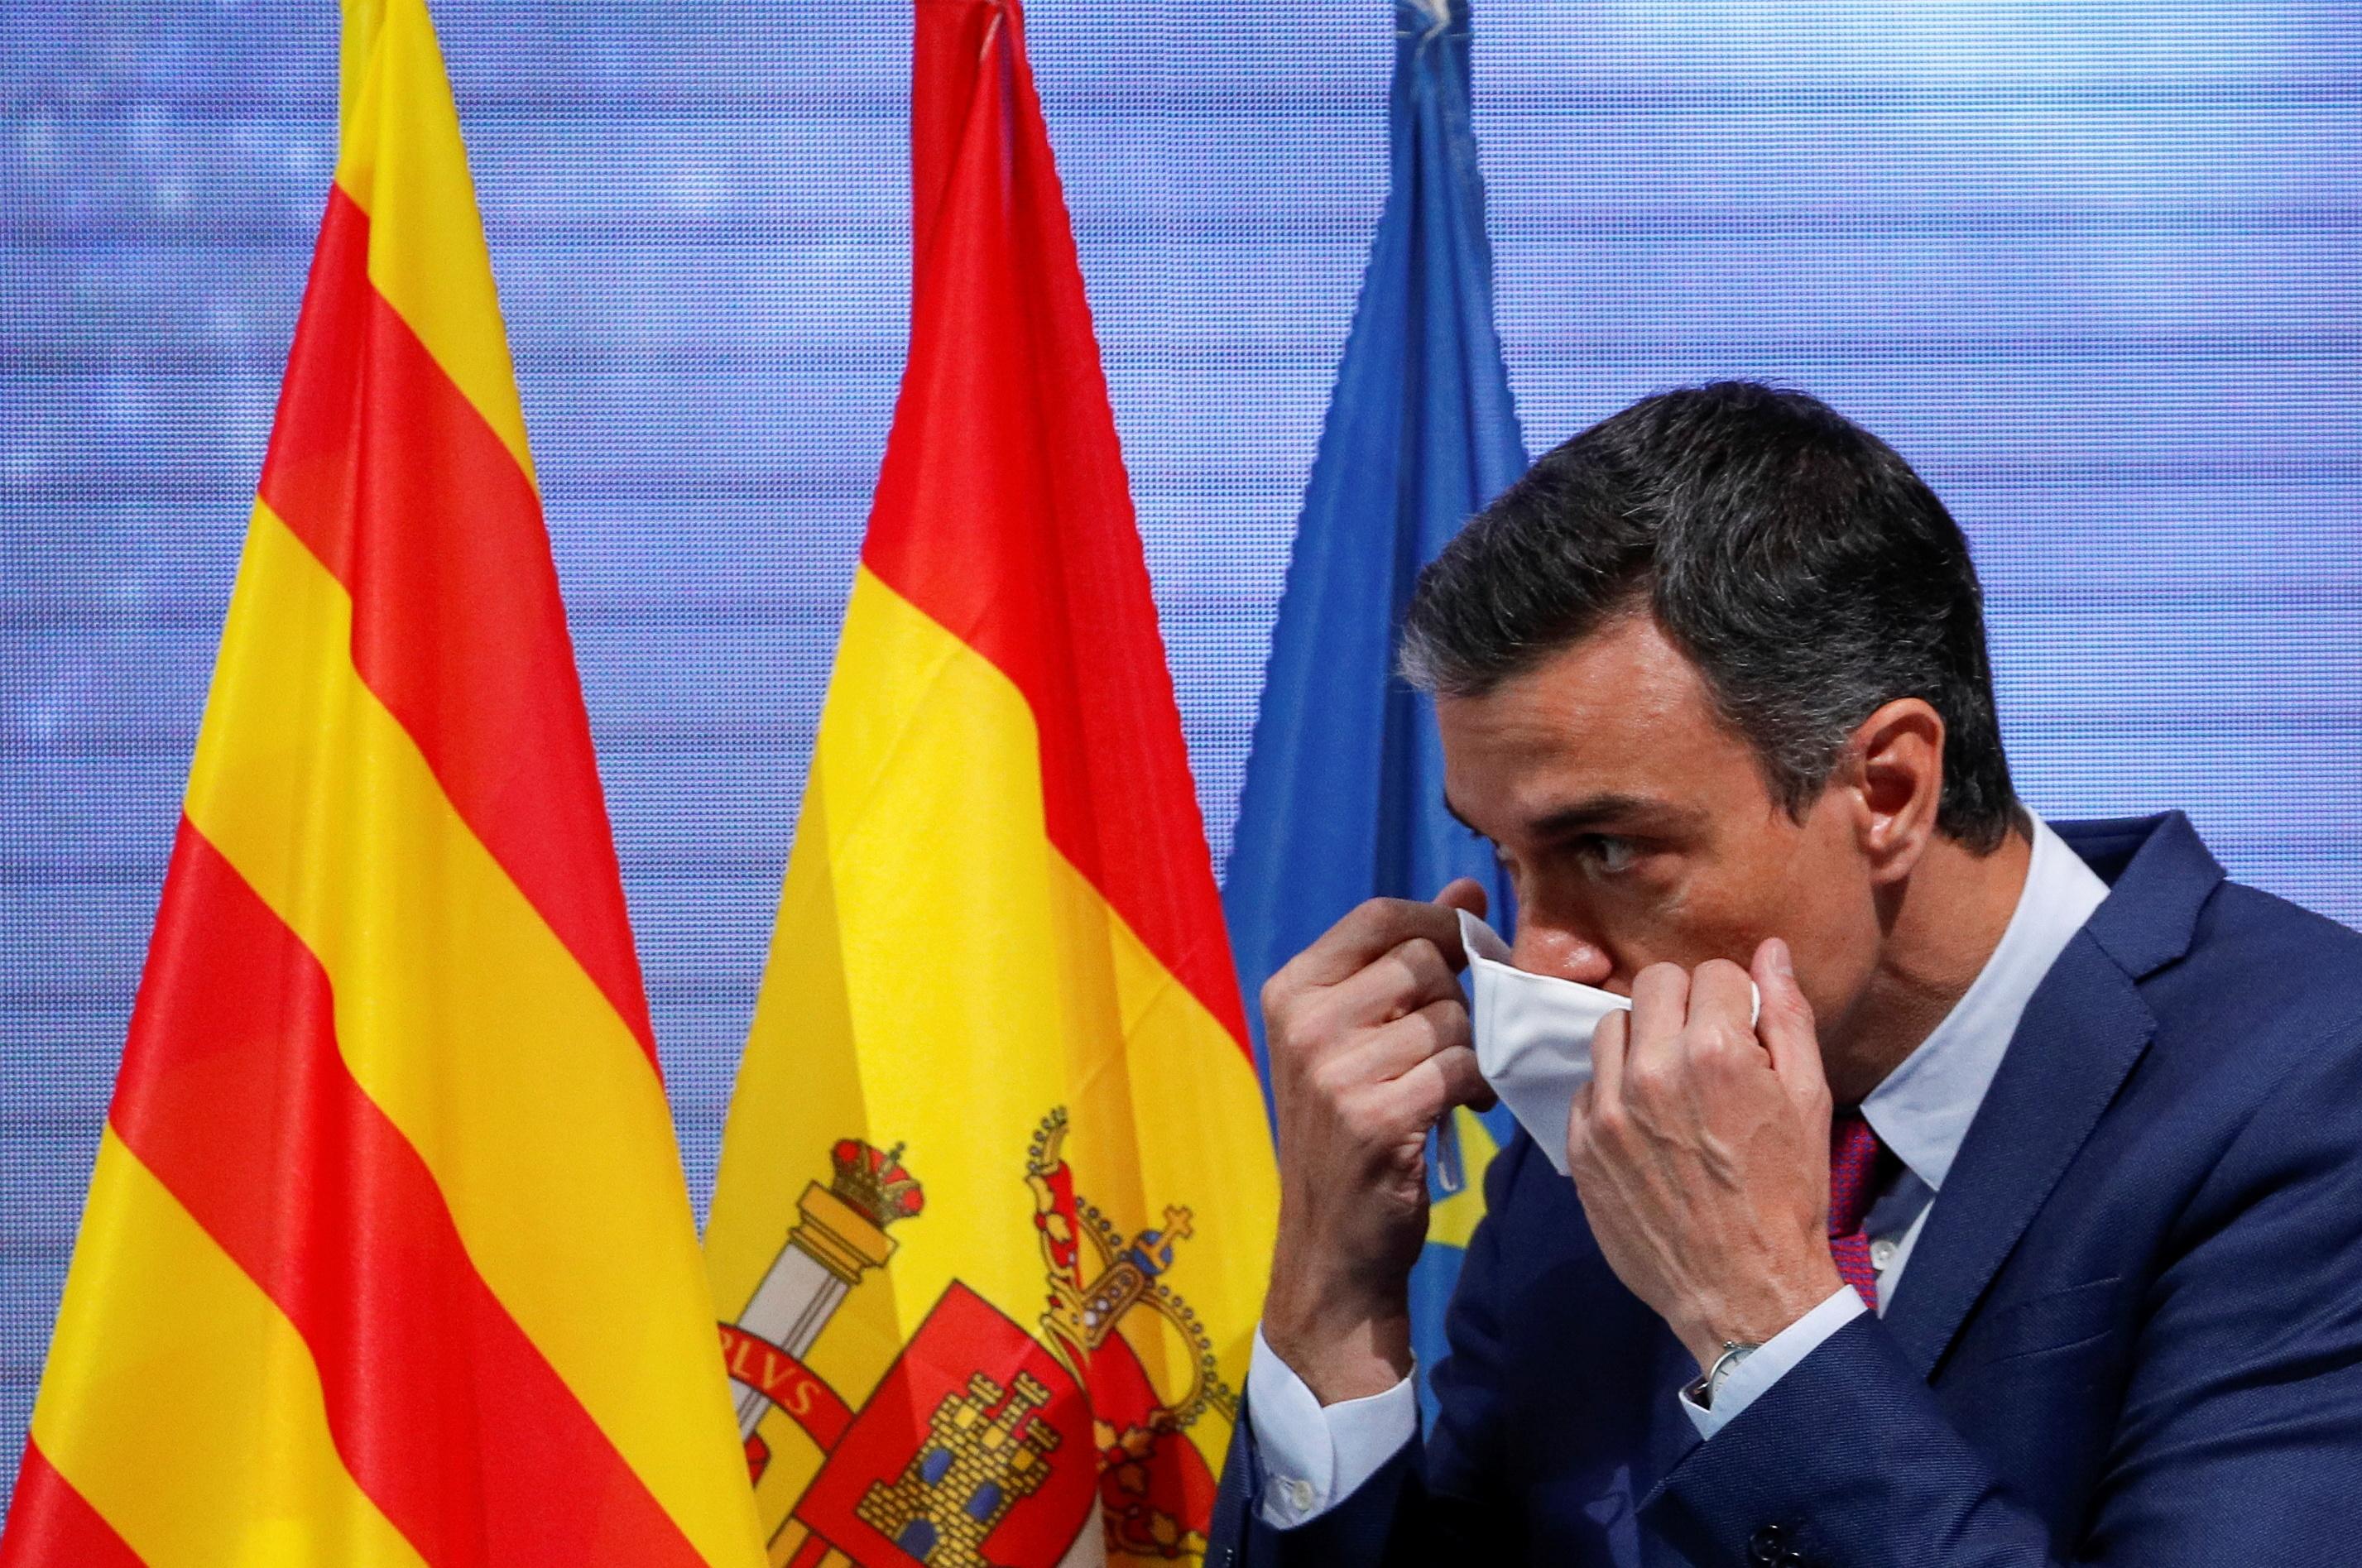 El presidente Pedro Sánchez, en Barcelona, tras intervenir en las jornadas del Círculo de Economía.